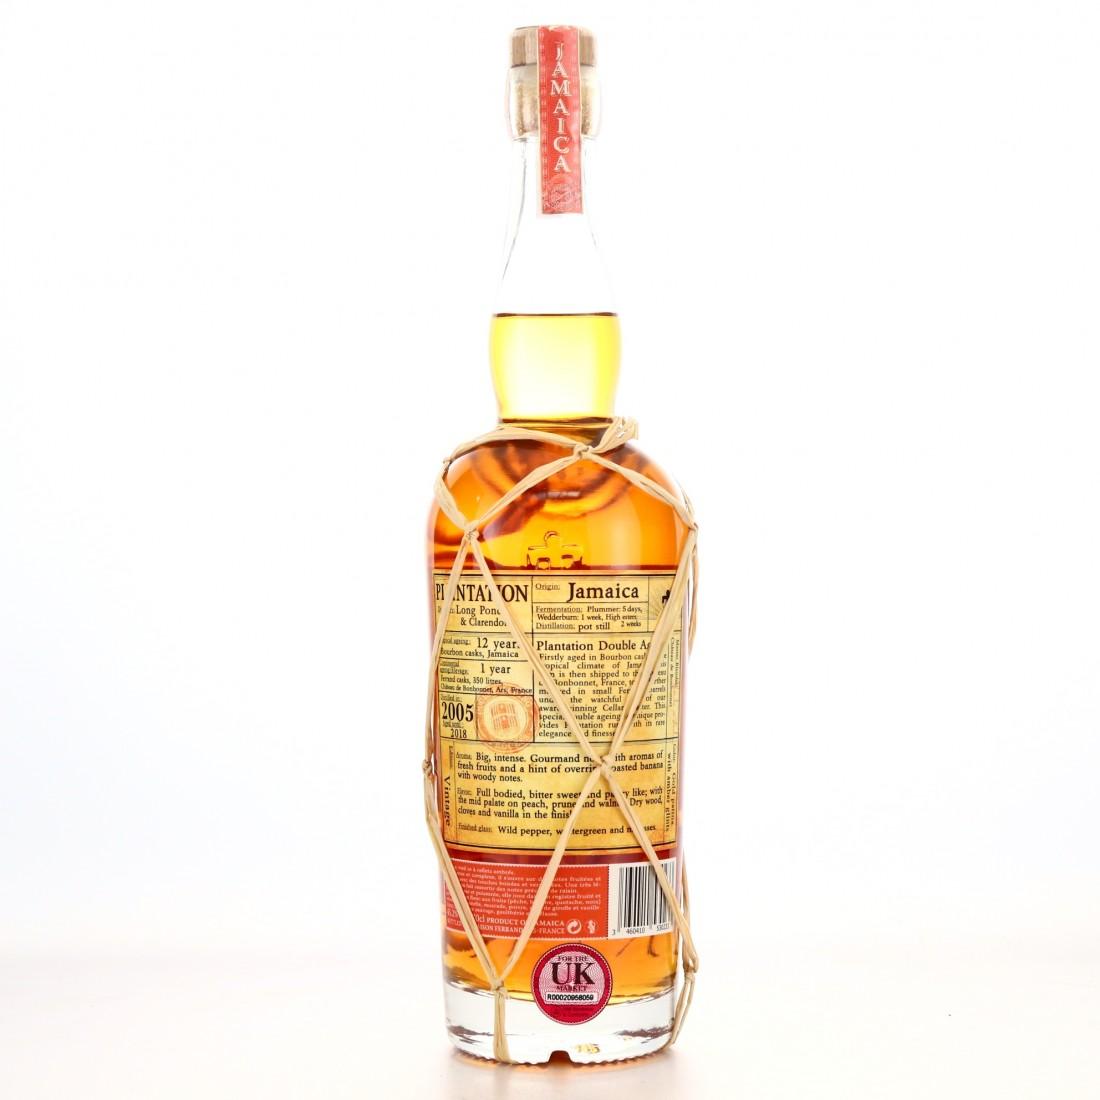 Jamaica Rum 2005 Plantation Grand Terroir | Rum Auctioneer